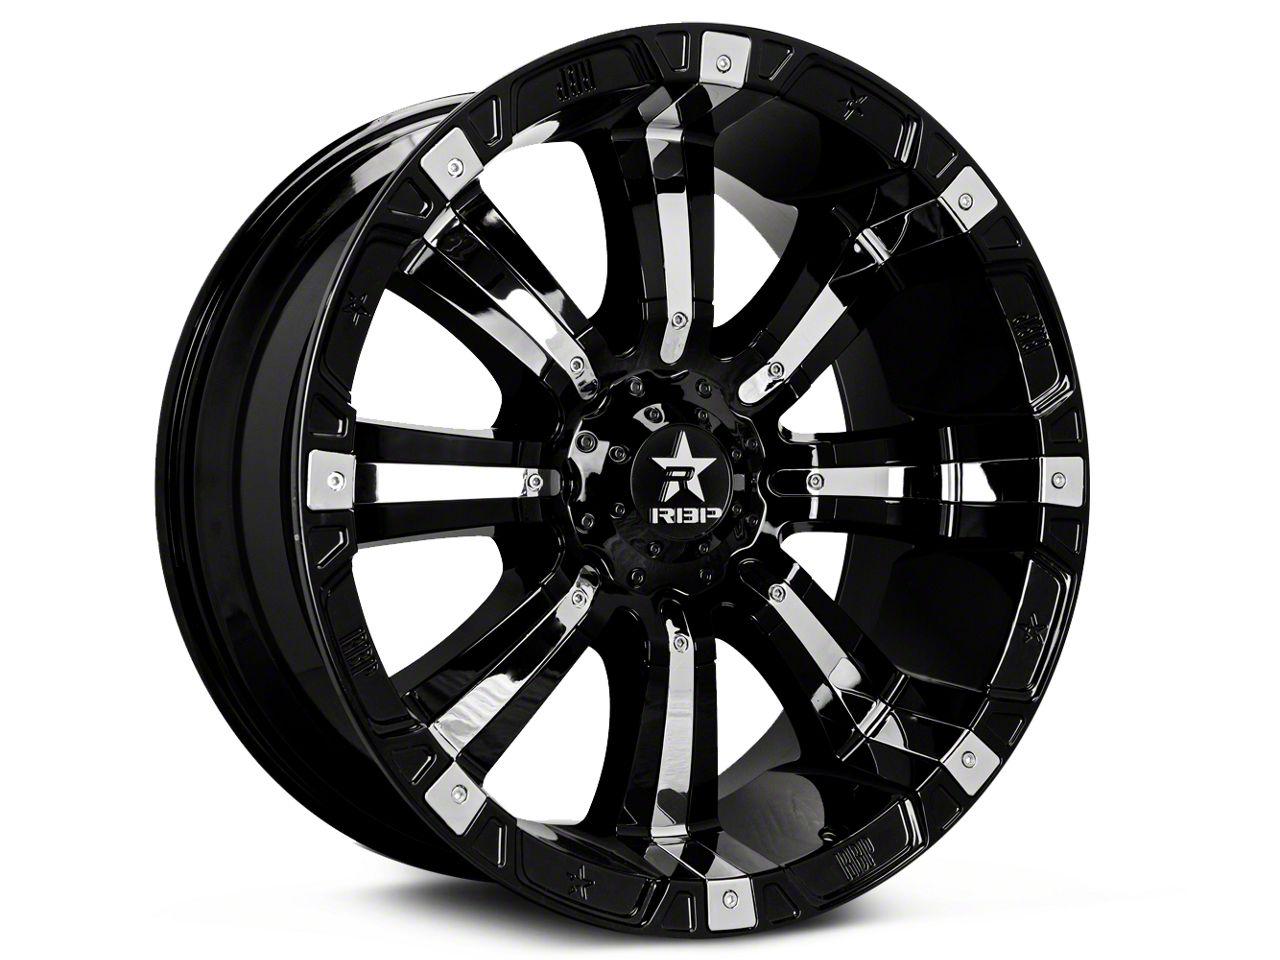 rbp silverado 94r black w chrome inserts 6 lug wheel 17x9 s101402 Chevy 2500HD Tires rbp 94r black w chrome inserts 6 lug wheel 17x9 99